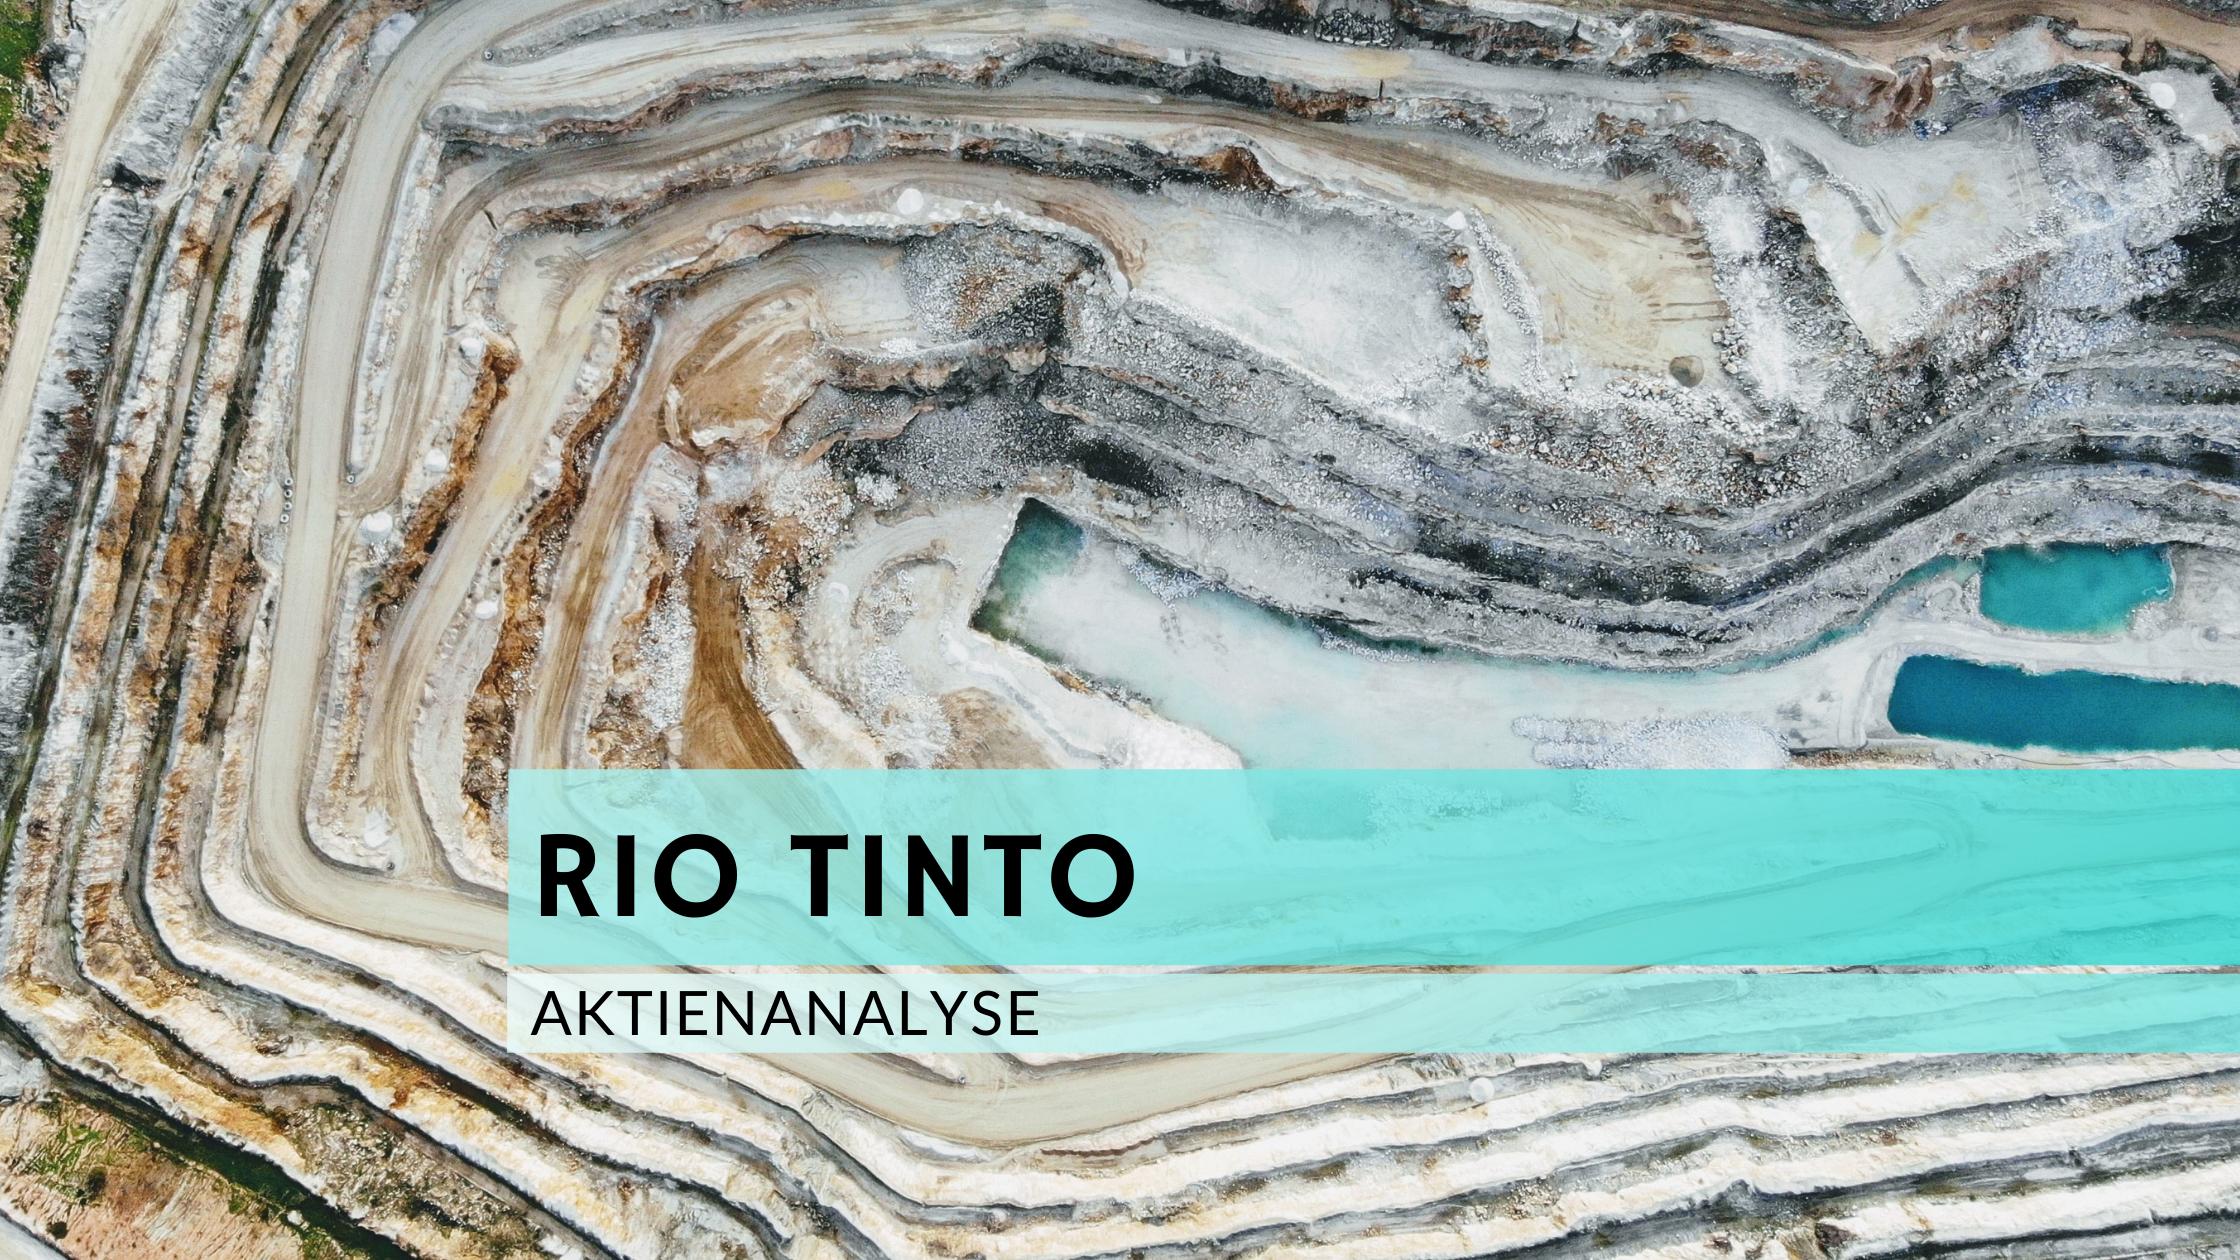 Rio Tinto Aktienanalyse